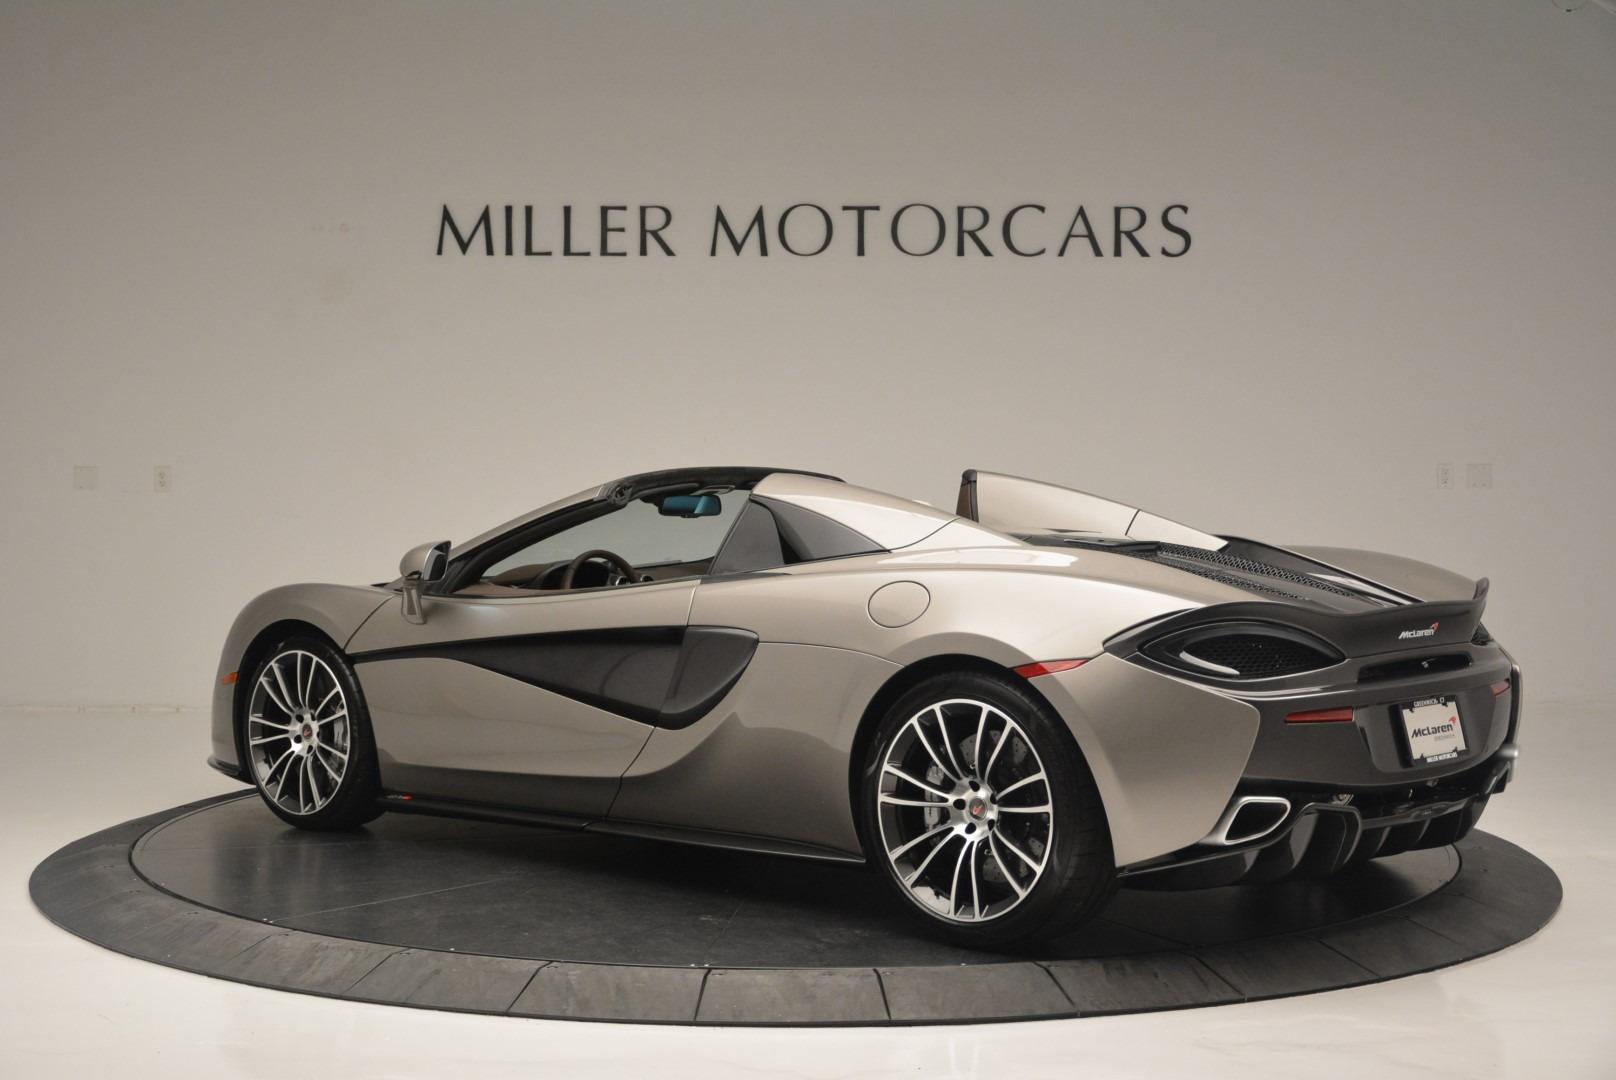 New 2018 McLaren 570S Spider For Sale In Westport, CT 2387_p4